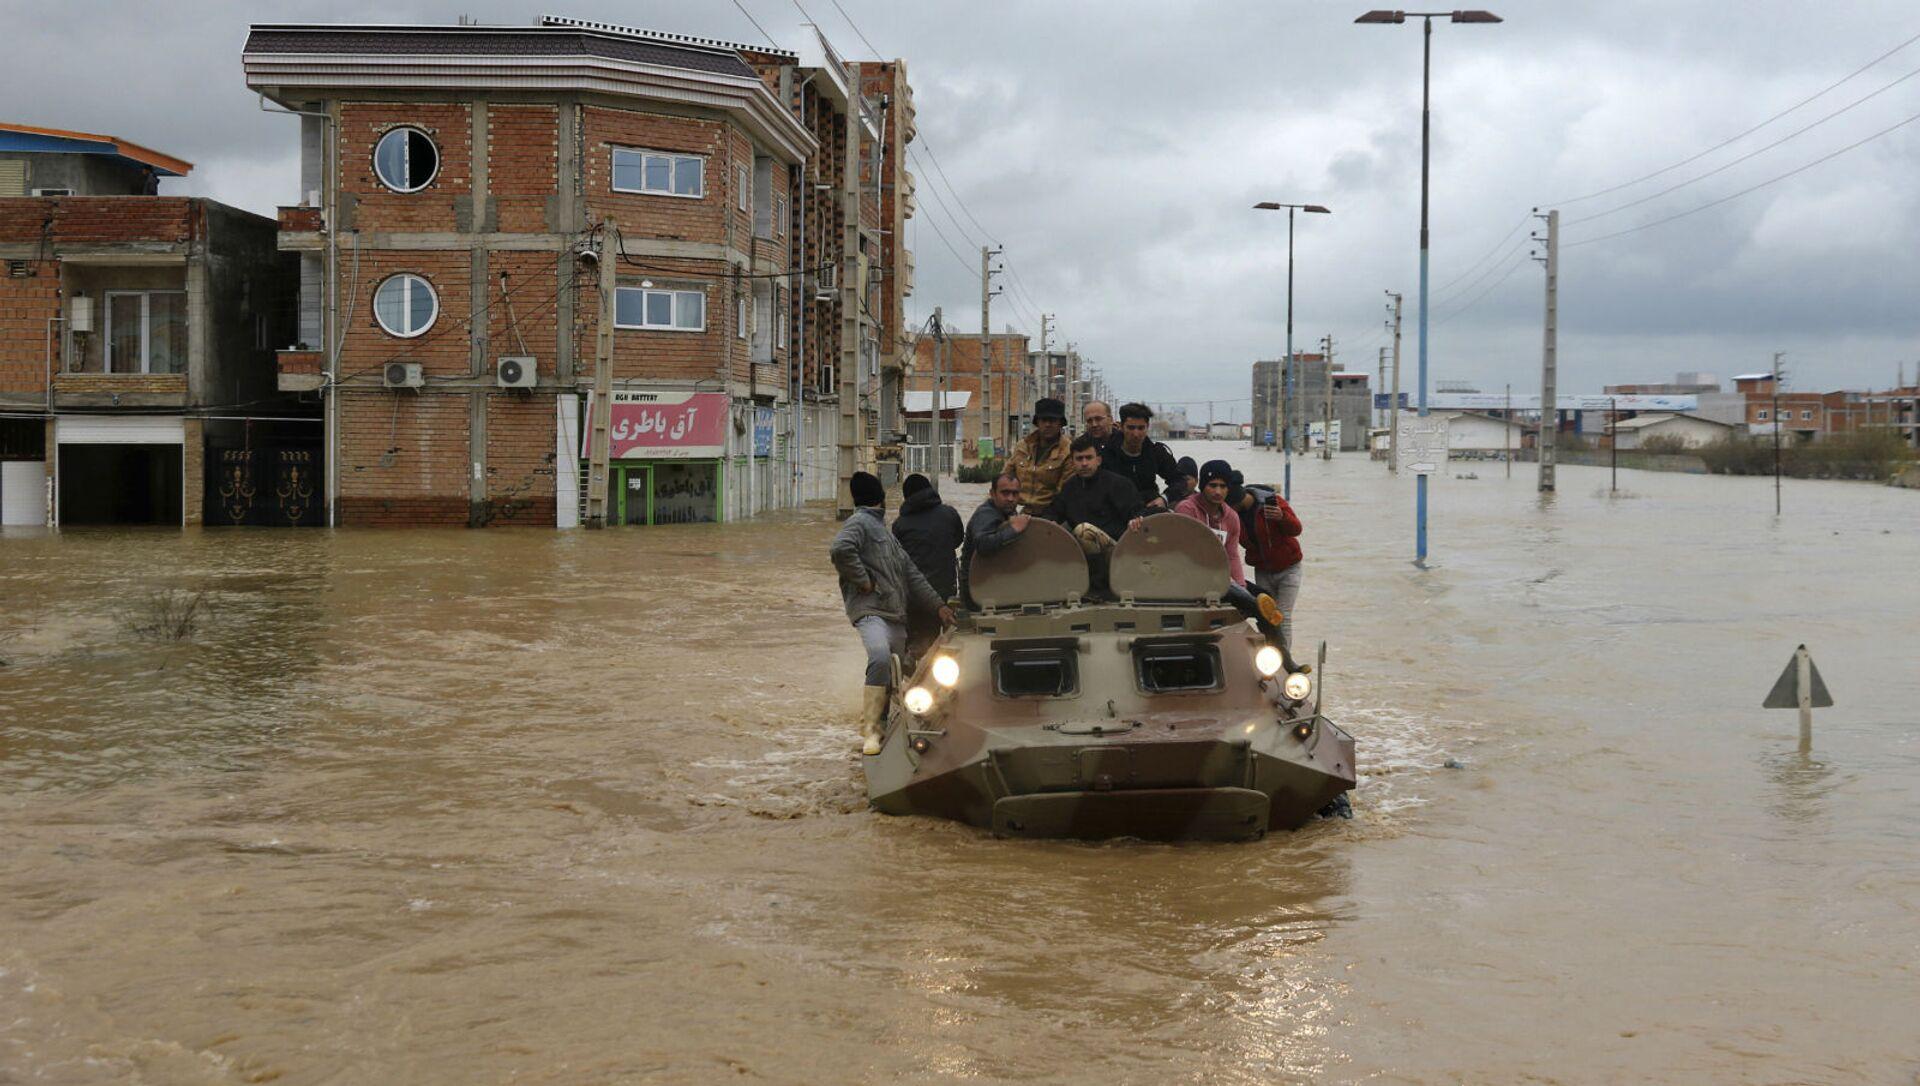 Военные на катерах спасают людей после внезапного наводнения вокруг северного города Ак-Кала в провинции Голестан (25 марта 2019). Иран - Sputnik Արմենիա, 1920, 04.08.2021